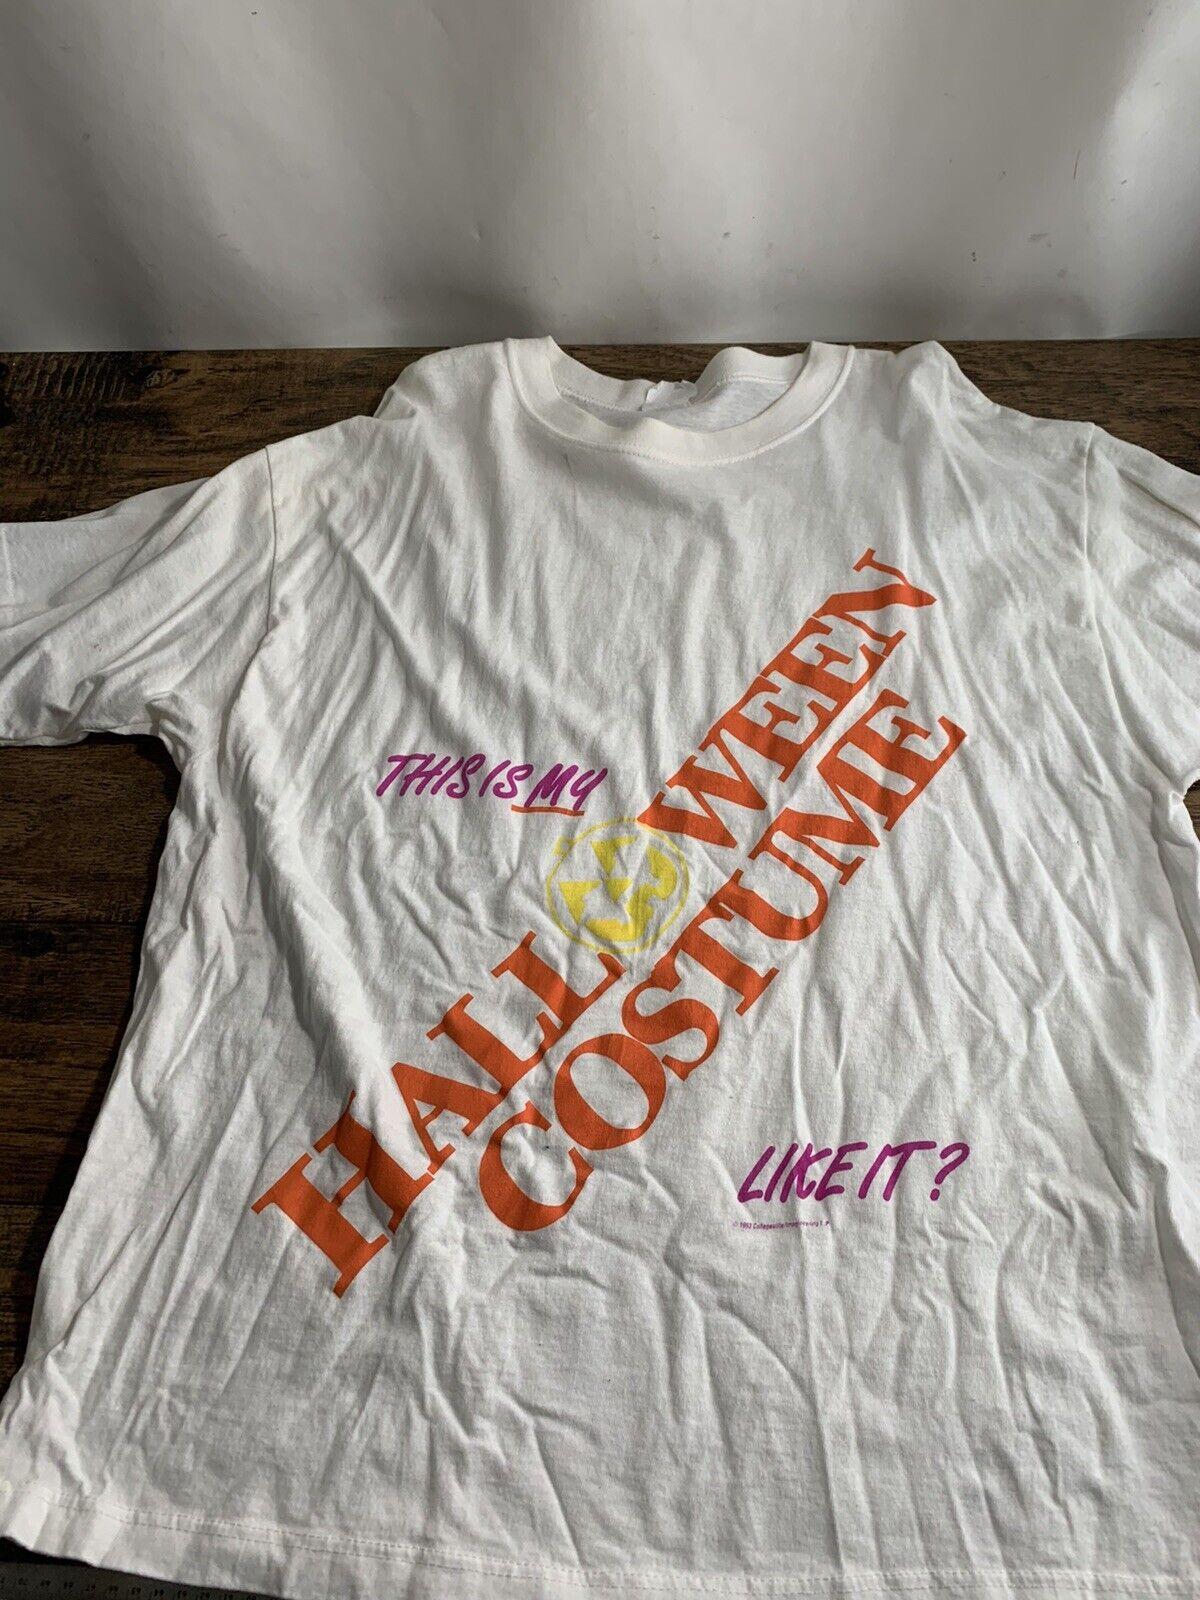 XL Screen Stars This Is My Costume Halloween Joke T-Shirt 80s White C11